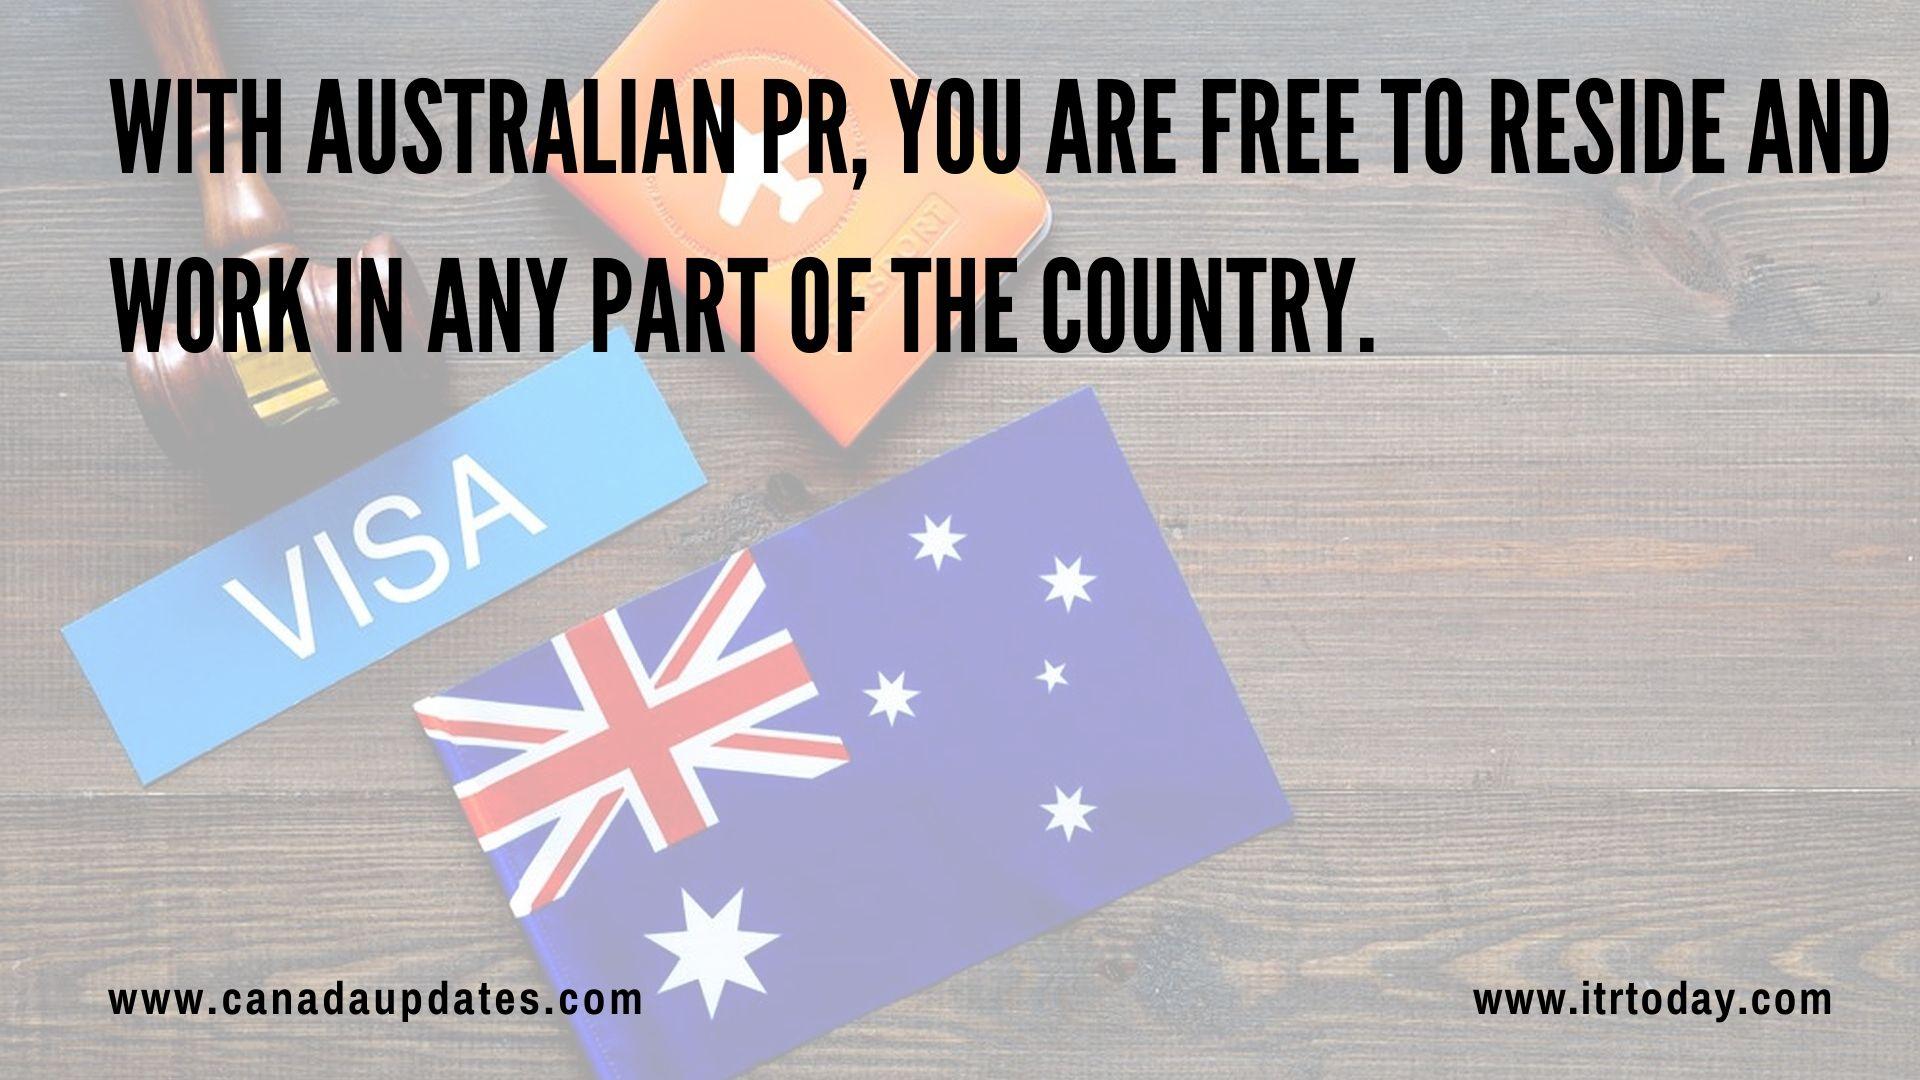 minimum Score required for Australian PR 1